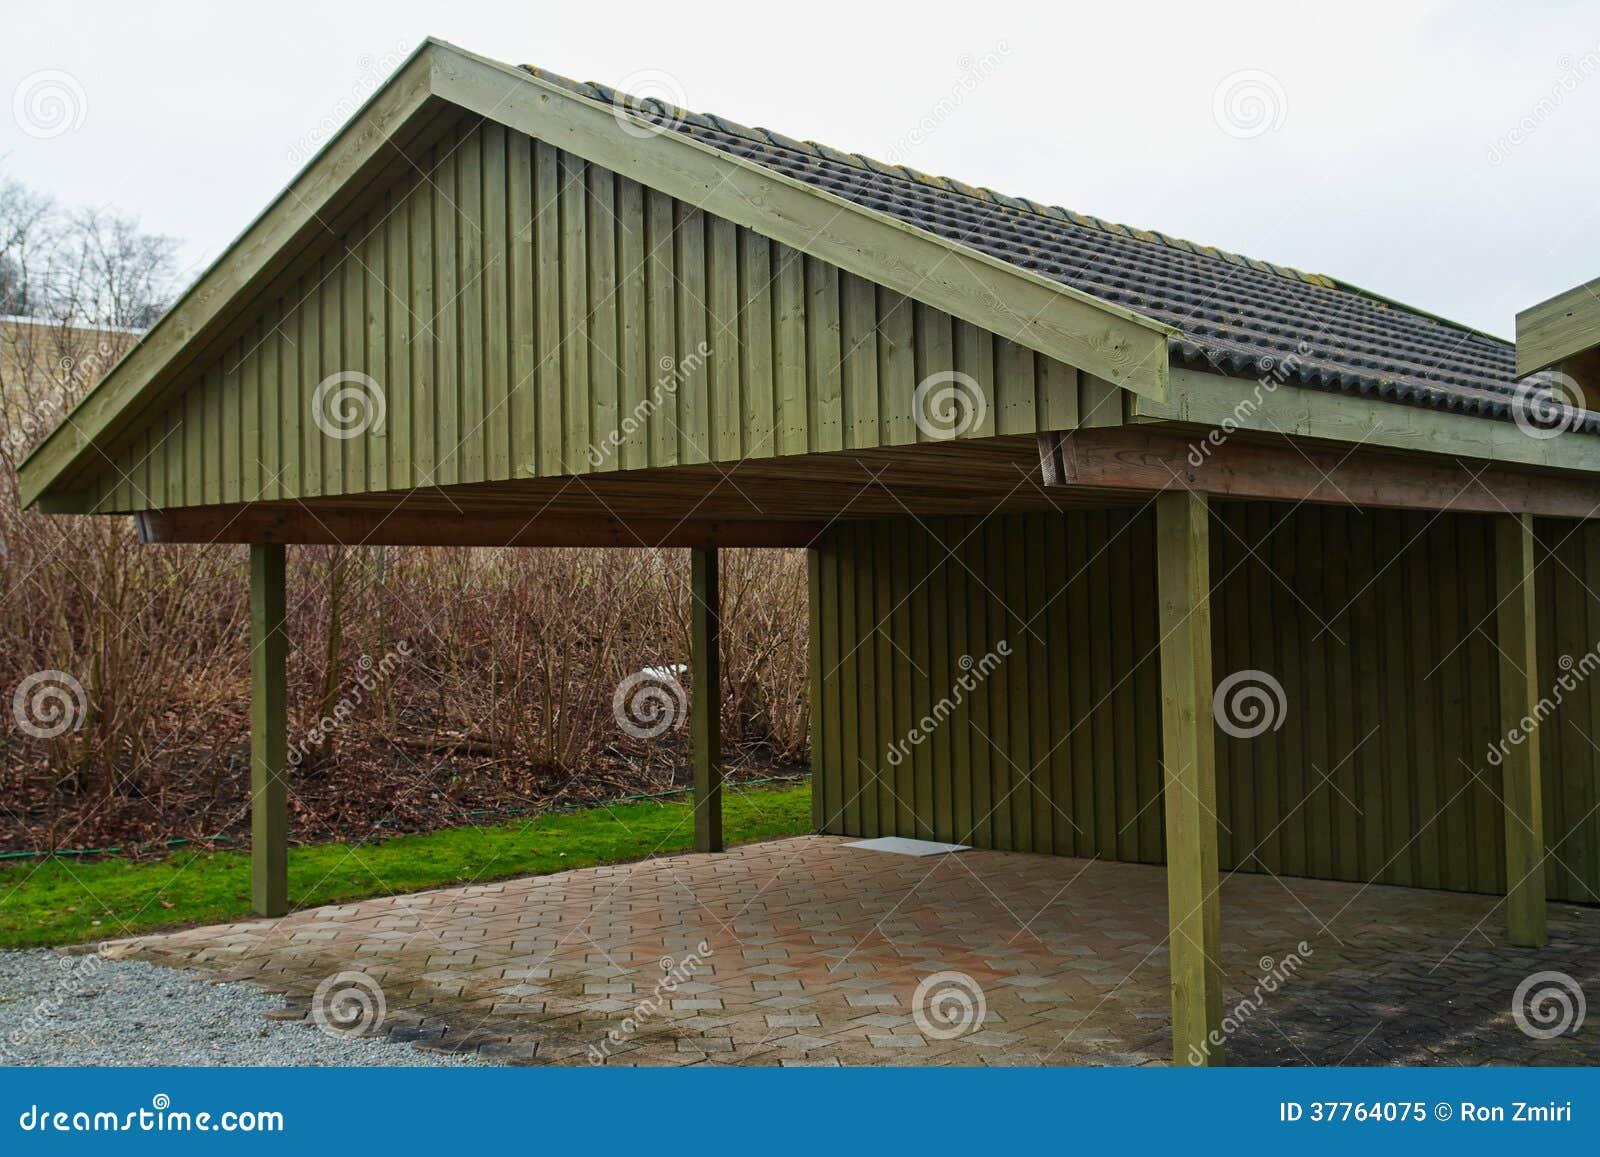 good single car garage plans free 6 modern carport car garage good single car garage plans free 6 modern carport car garage